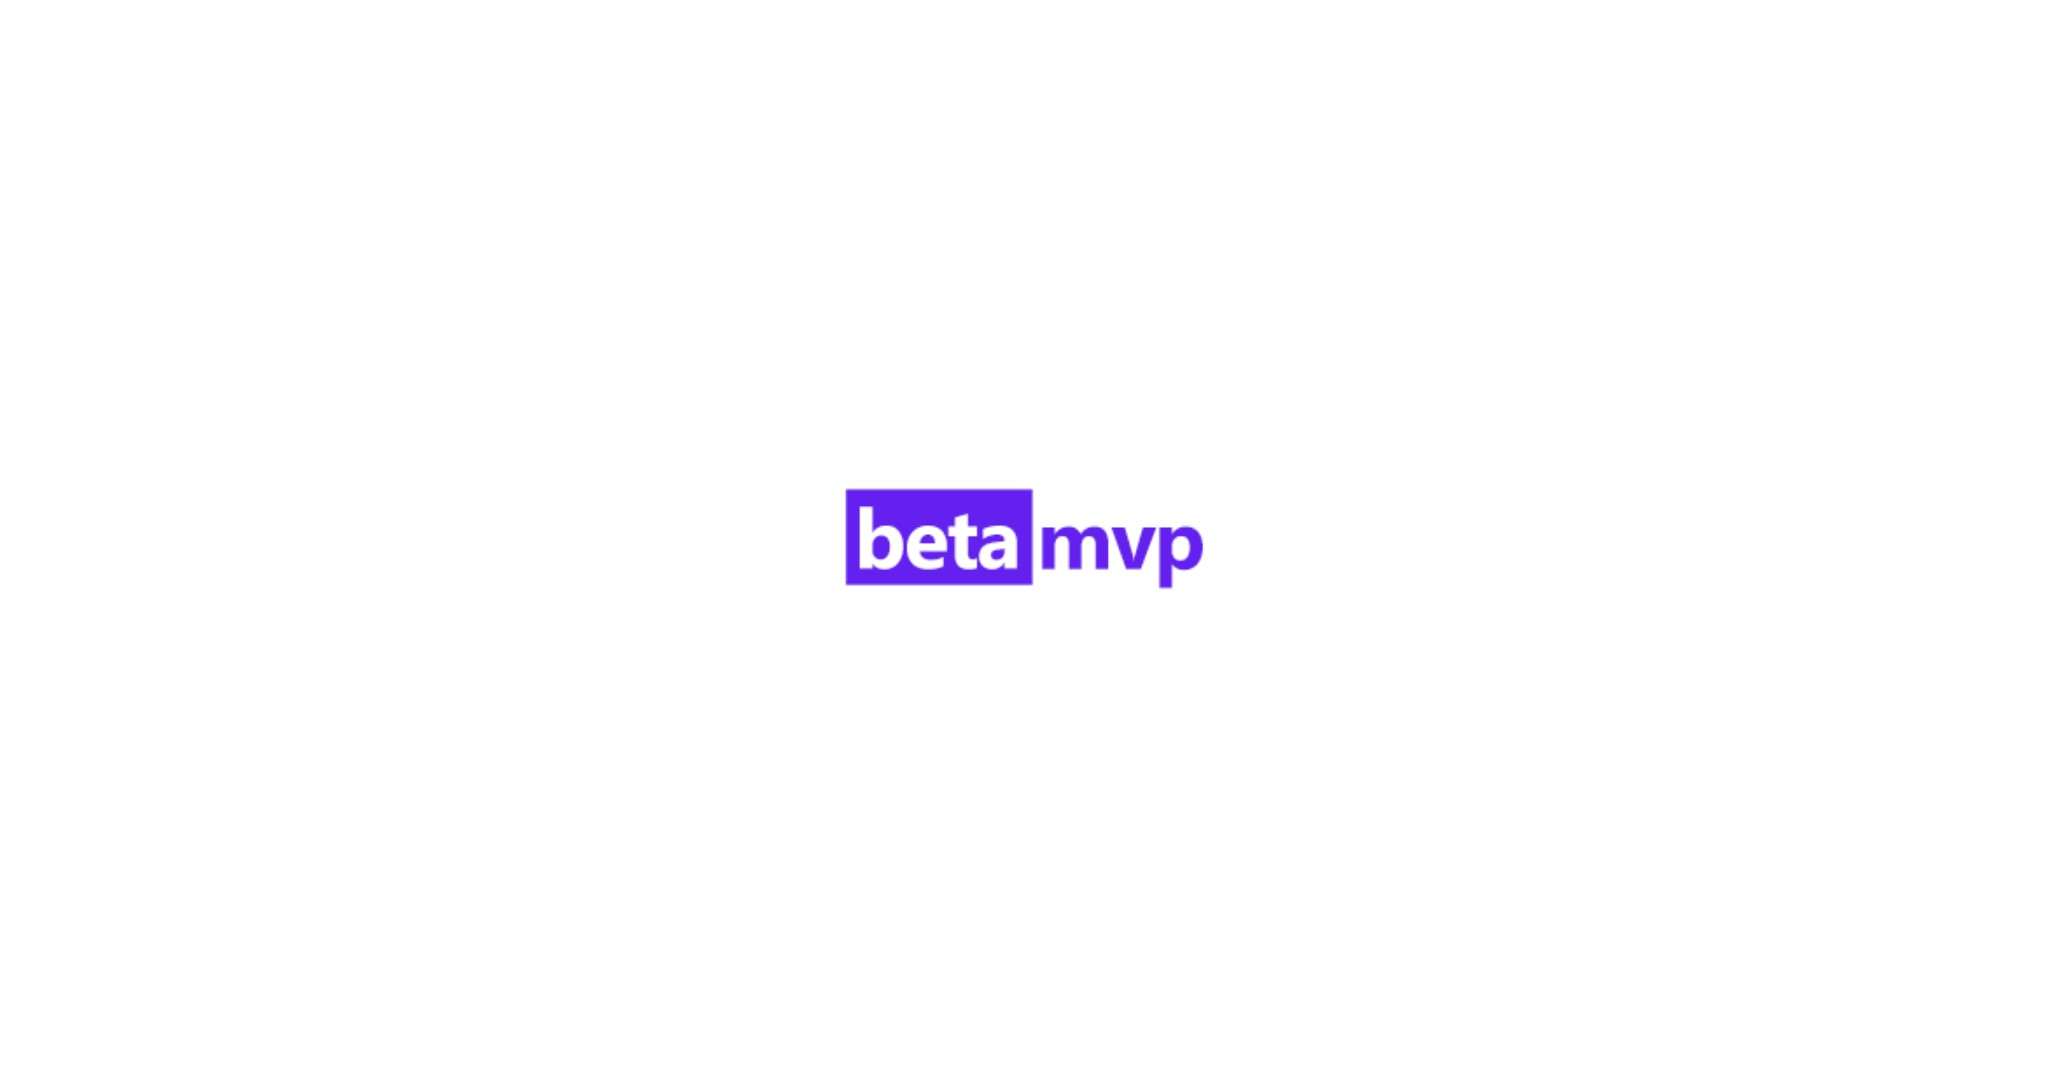 BetaMVP